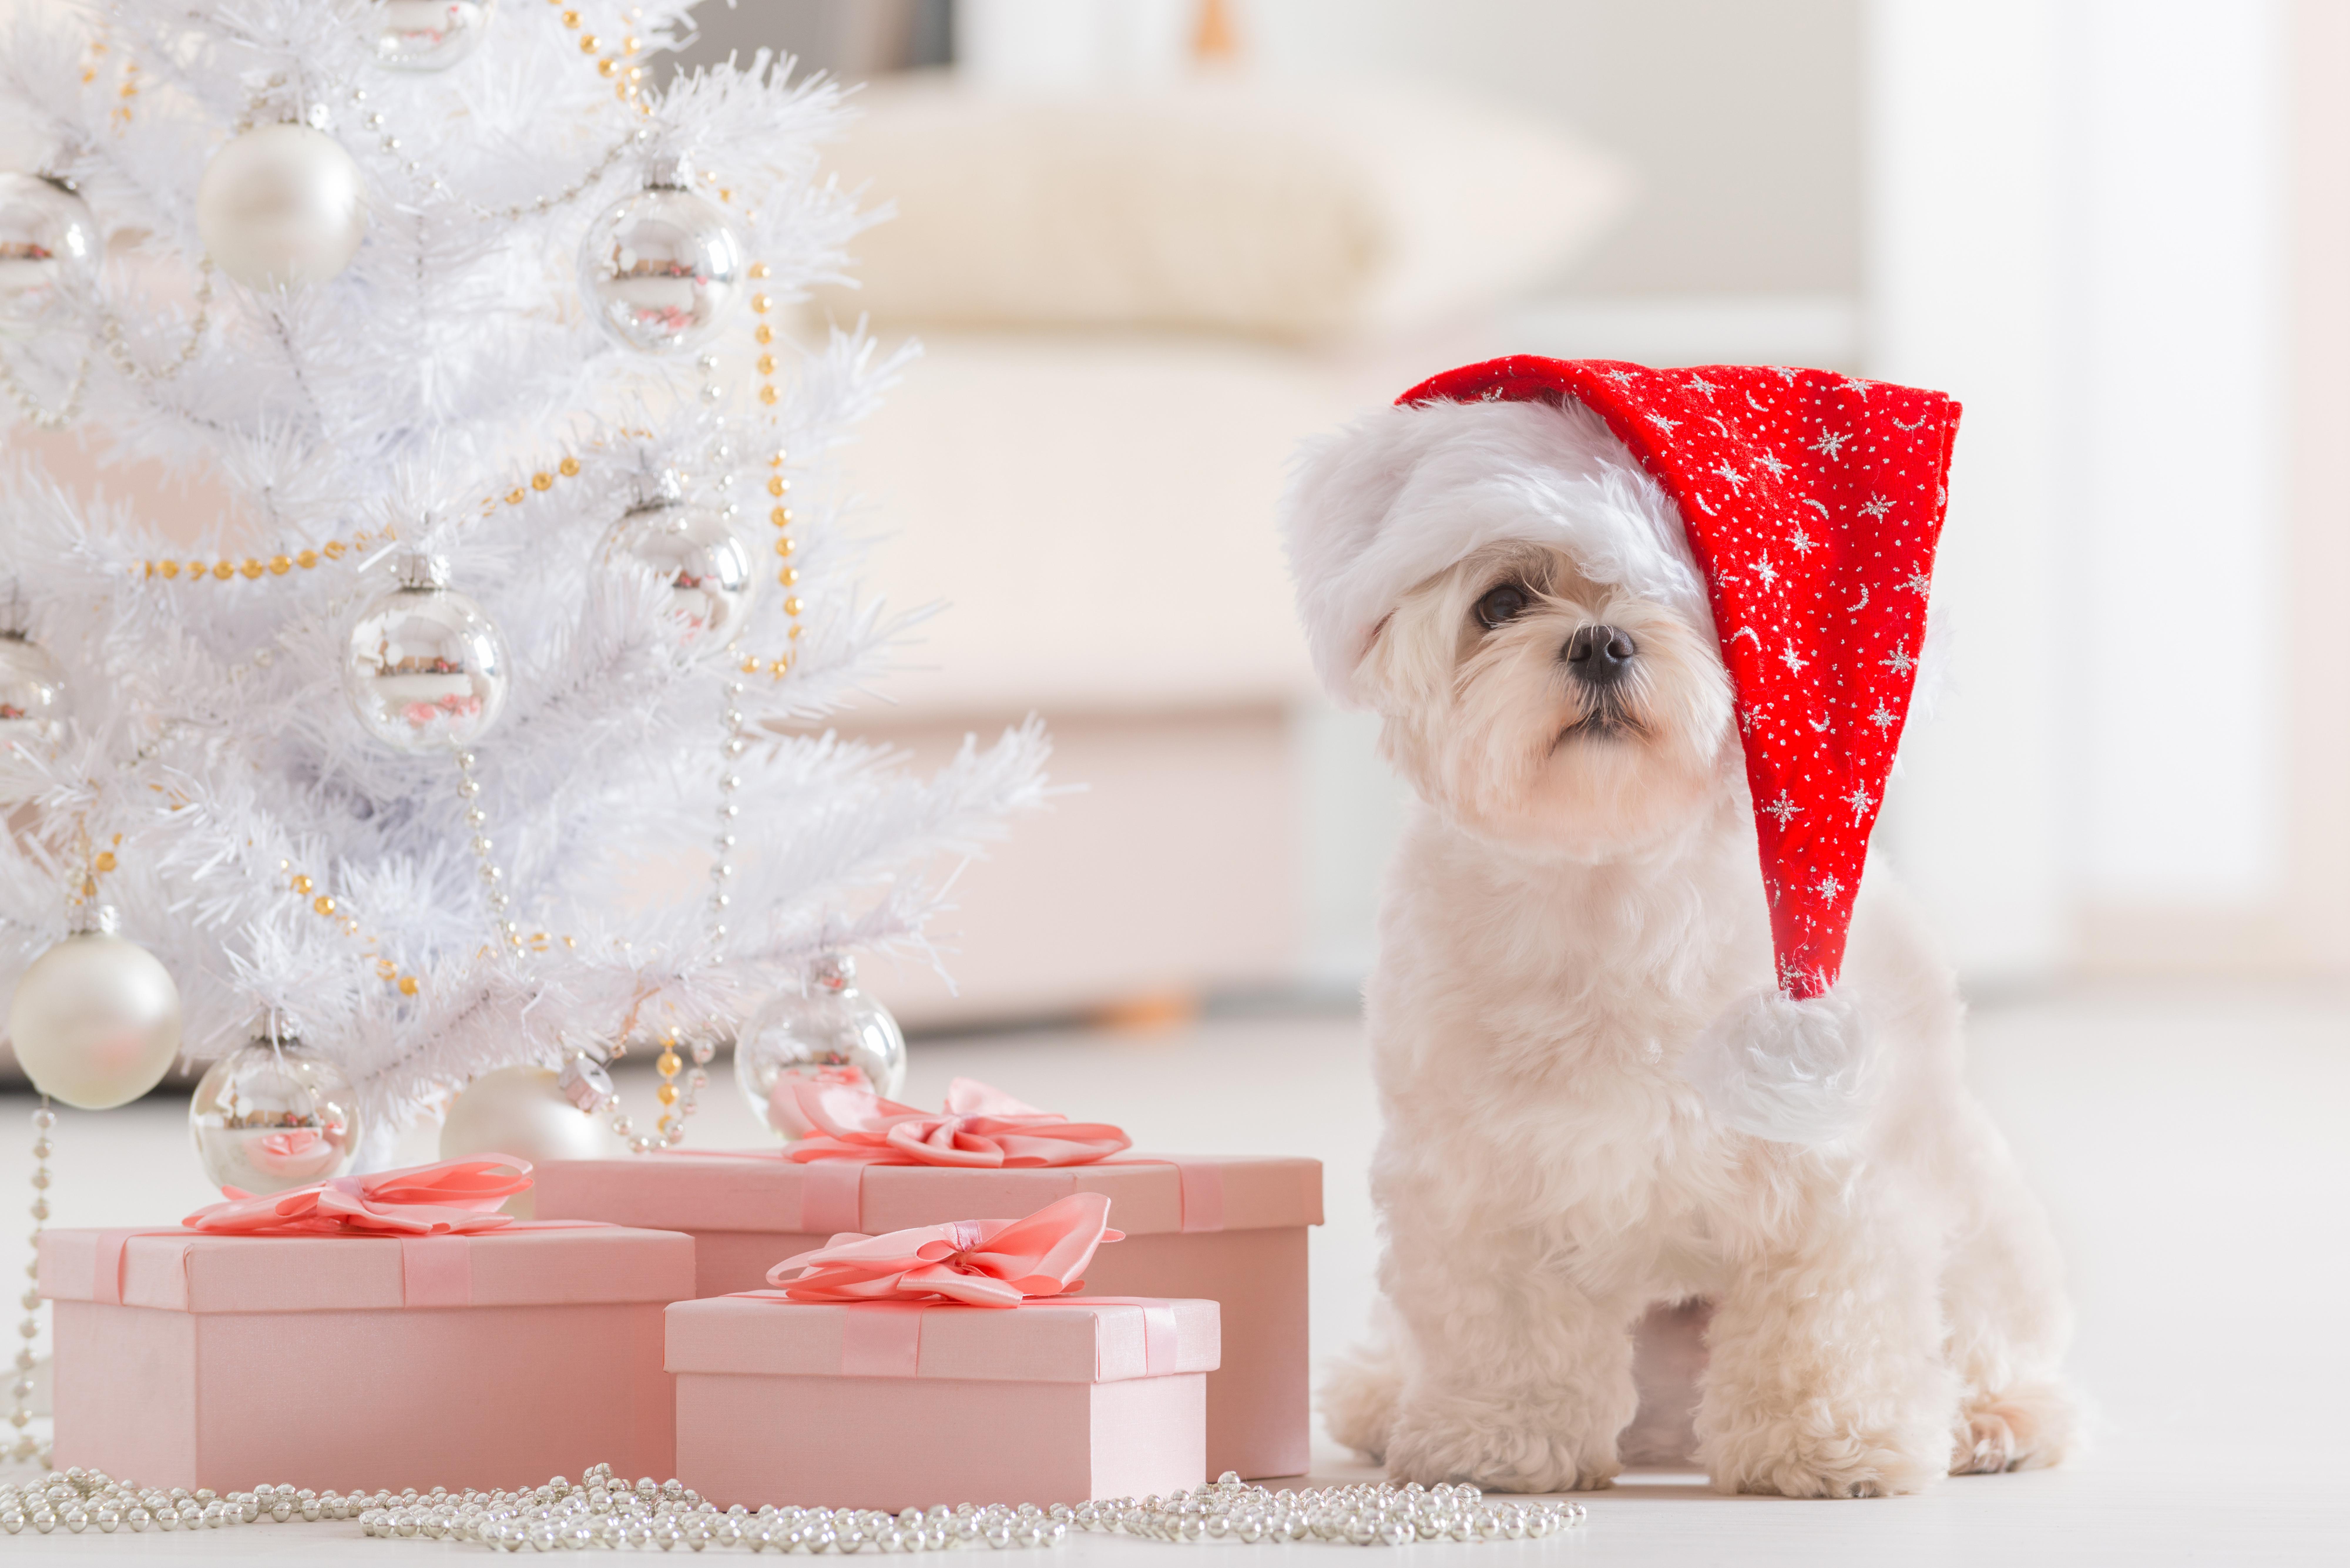 собачка в новогодней шапочке  № 1301894 бесплатно